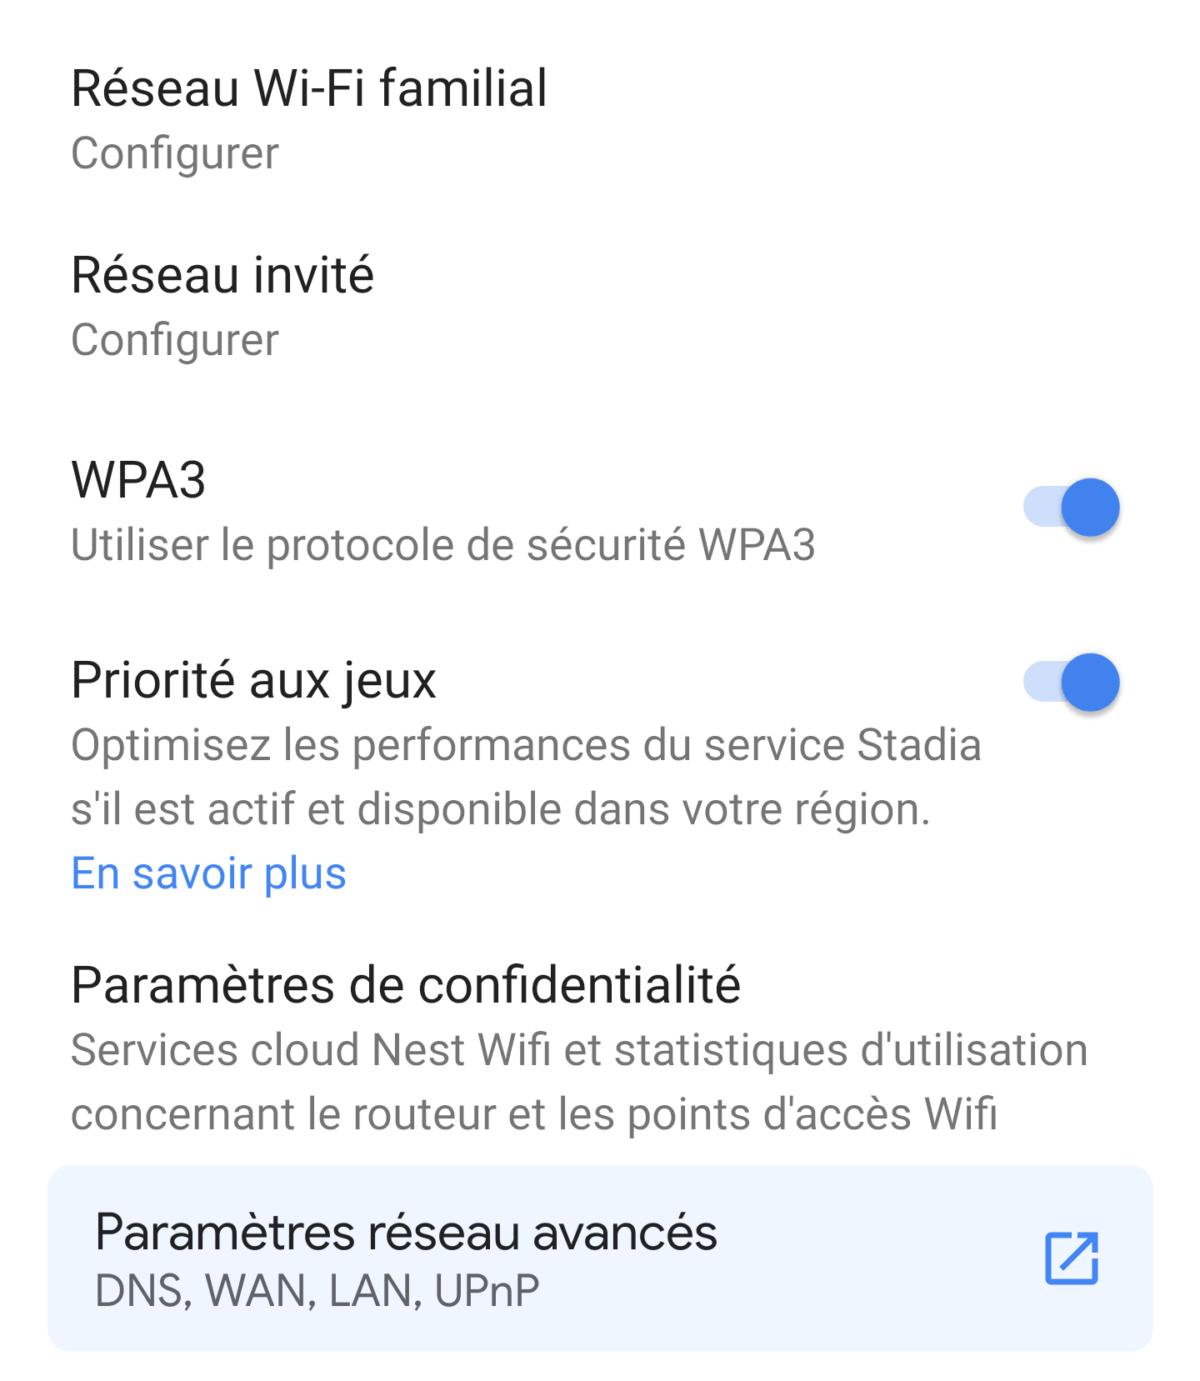 Google Nest Wifi - Priorité aux jeux